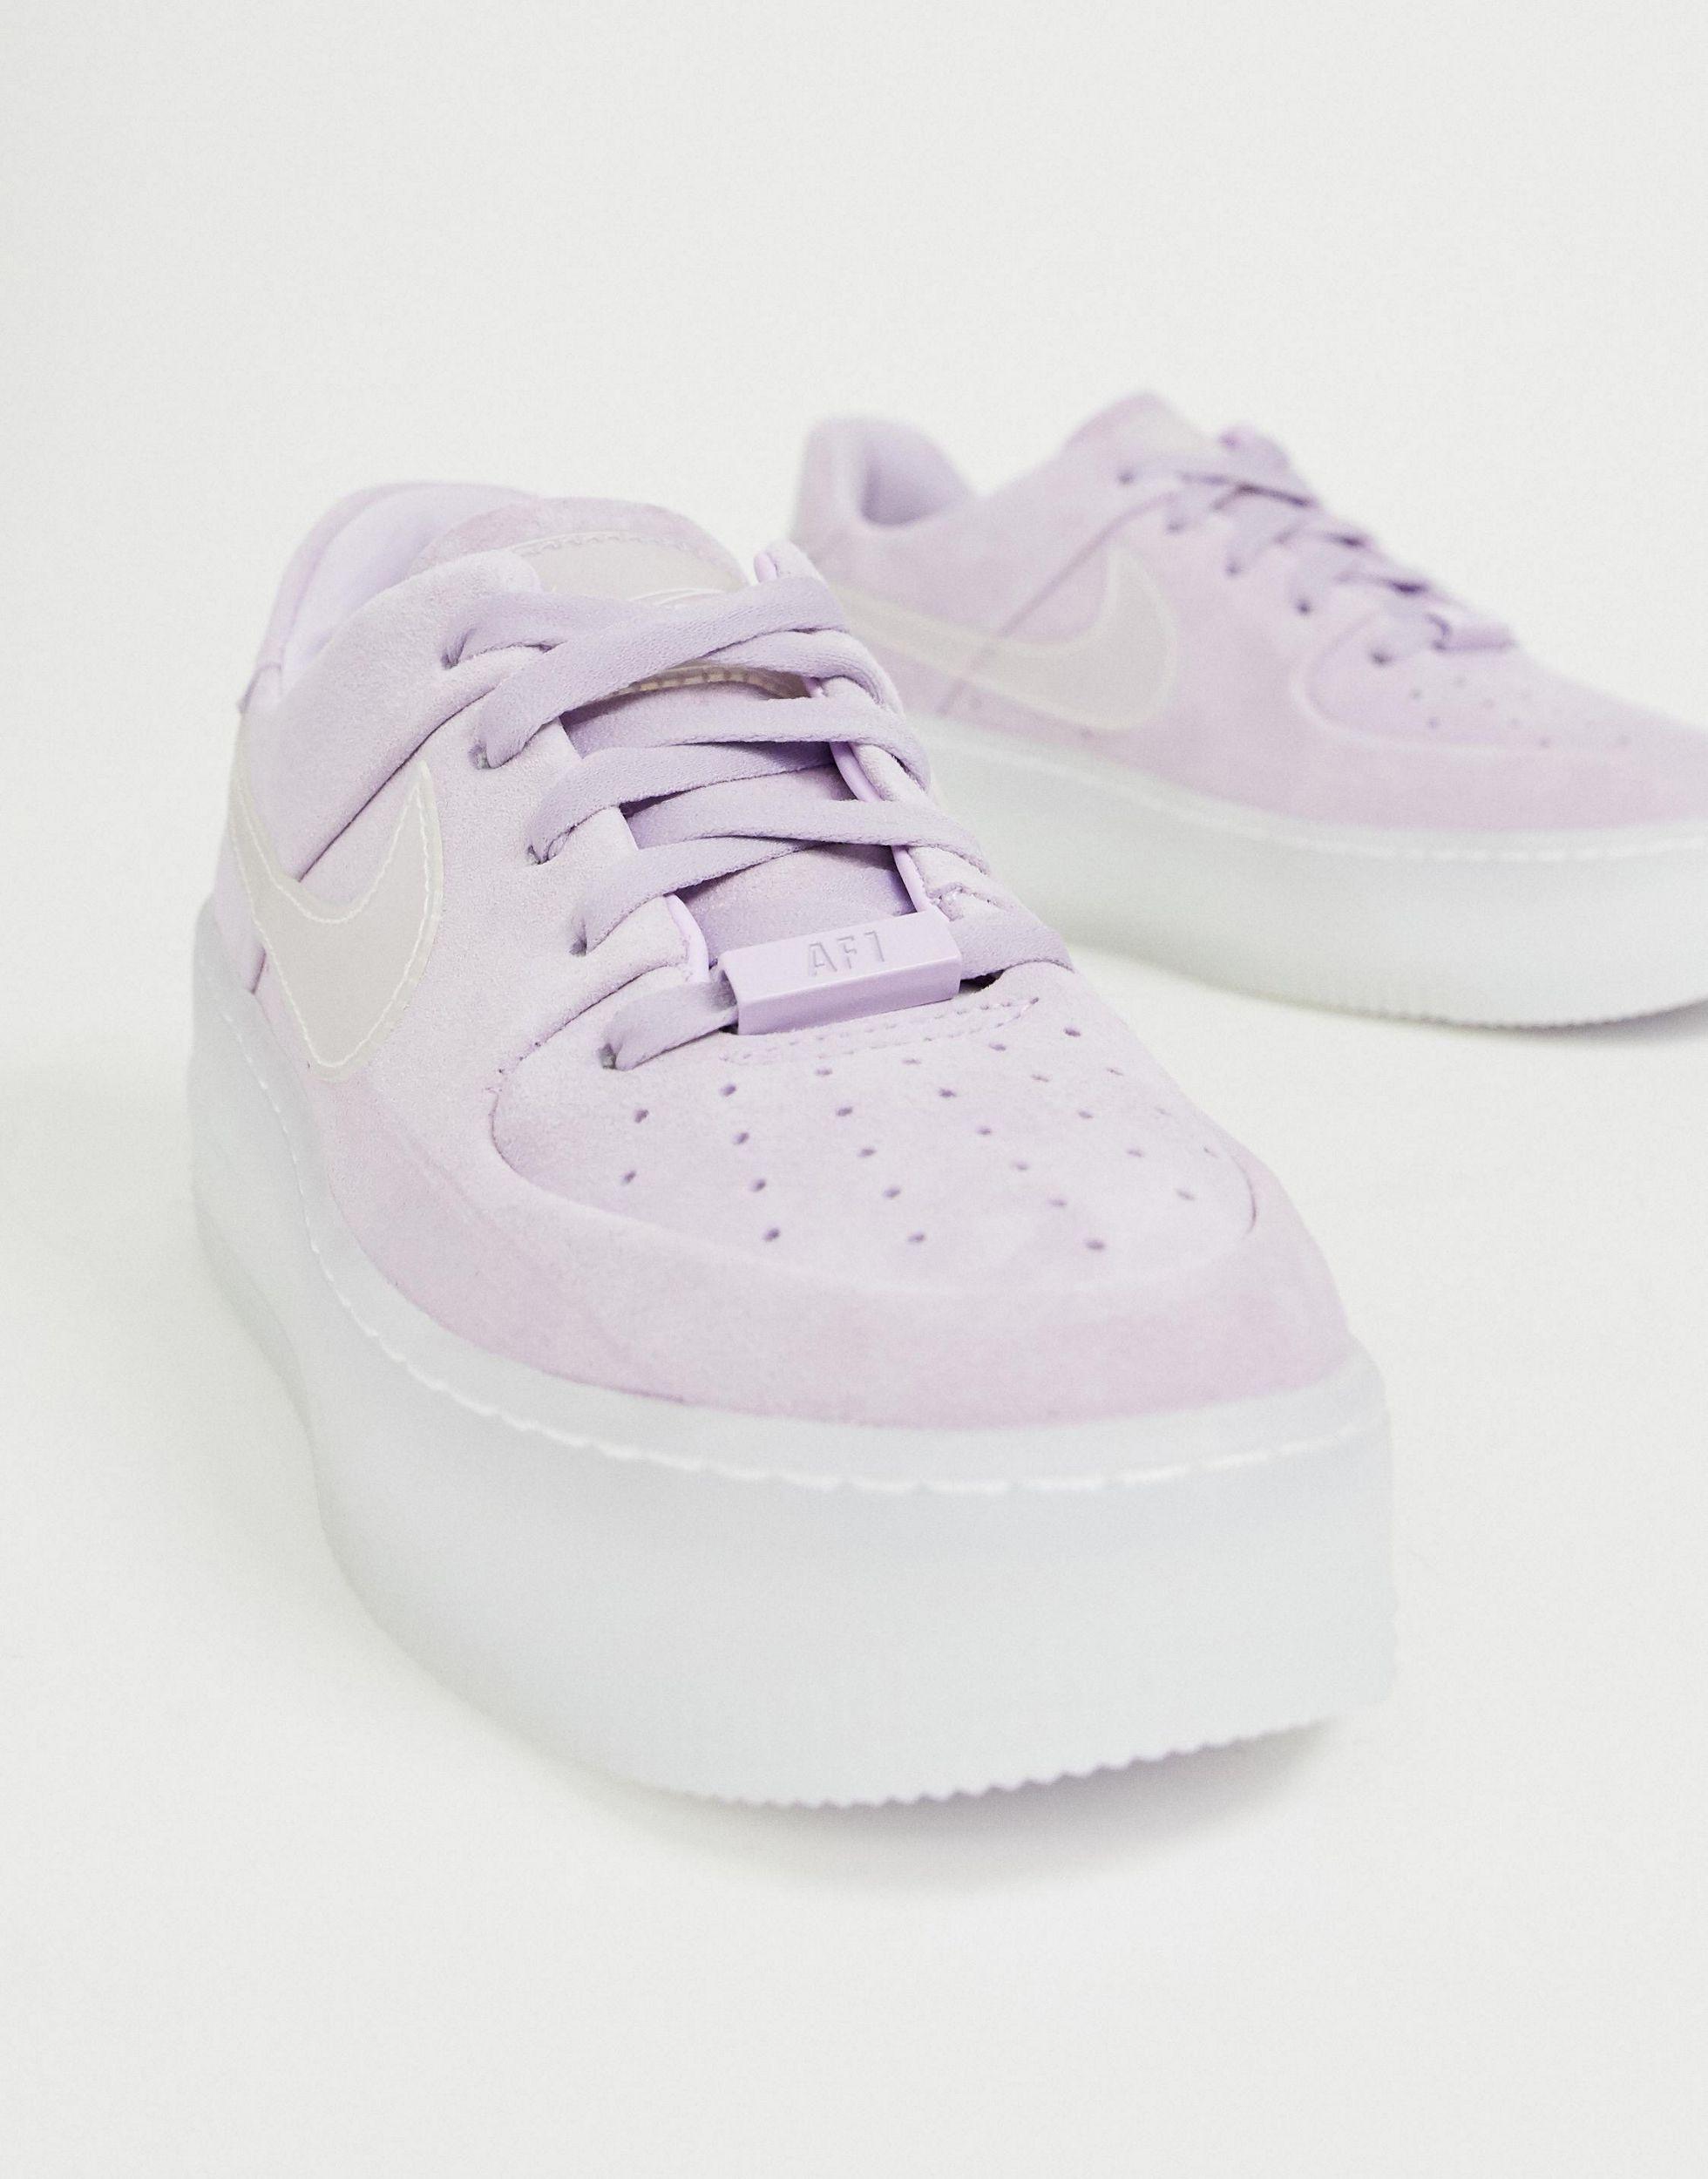 Ice Air Force 1 Sage - Baskets - Lilas Caoutchouc Nike en coloris ...